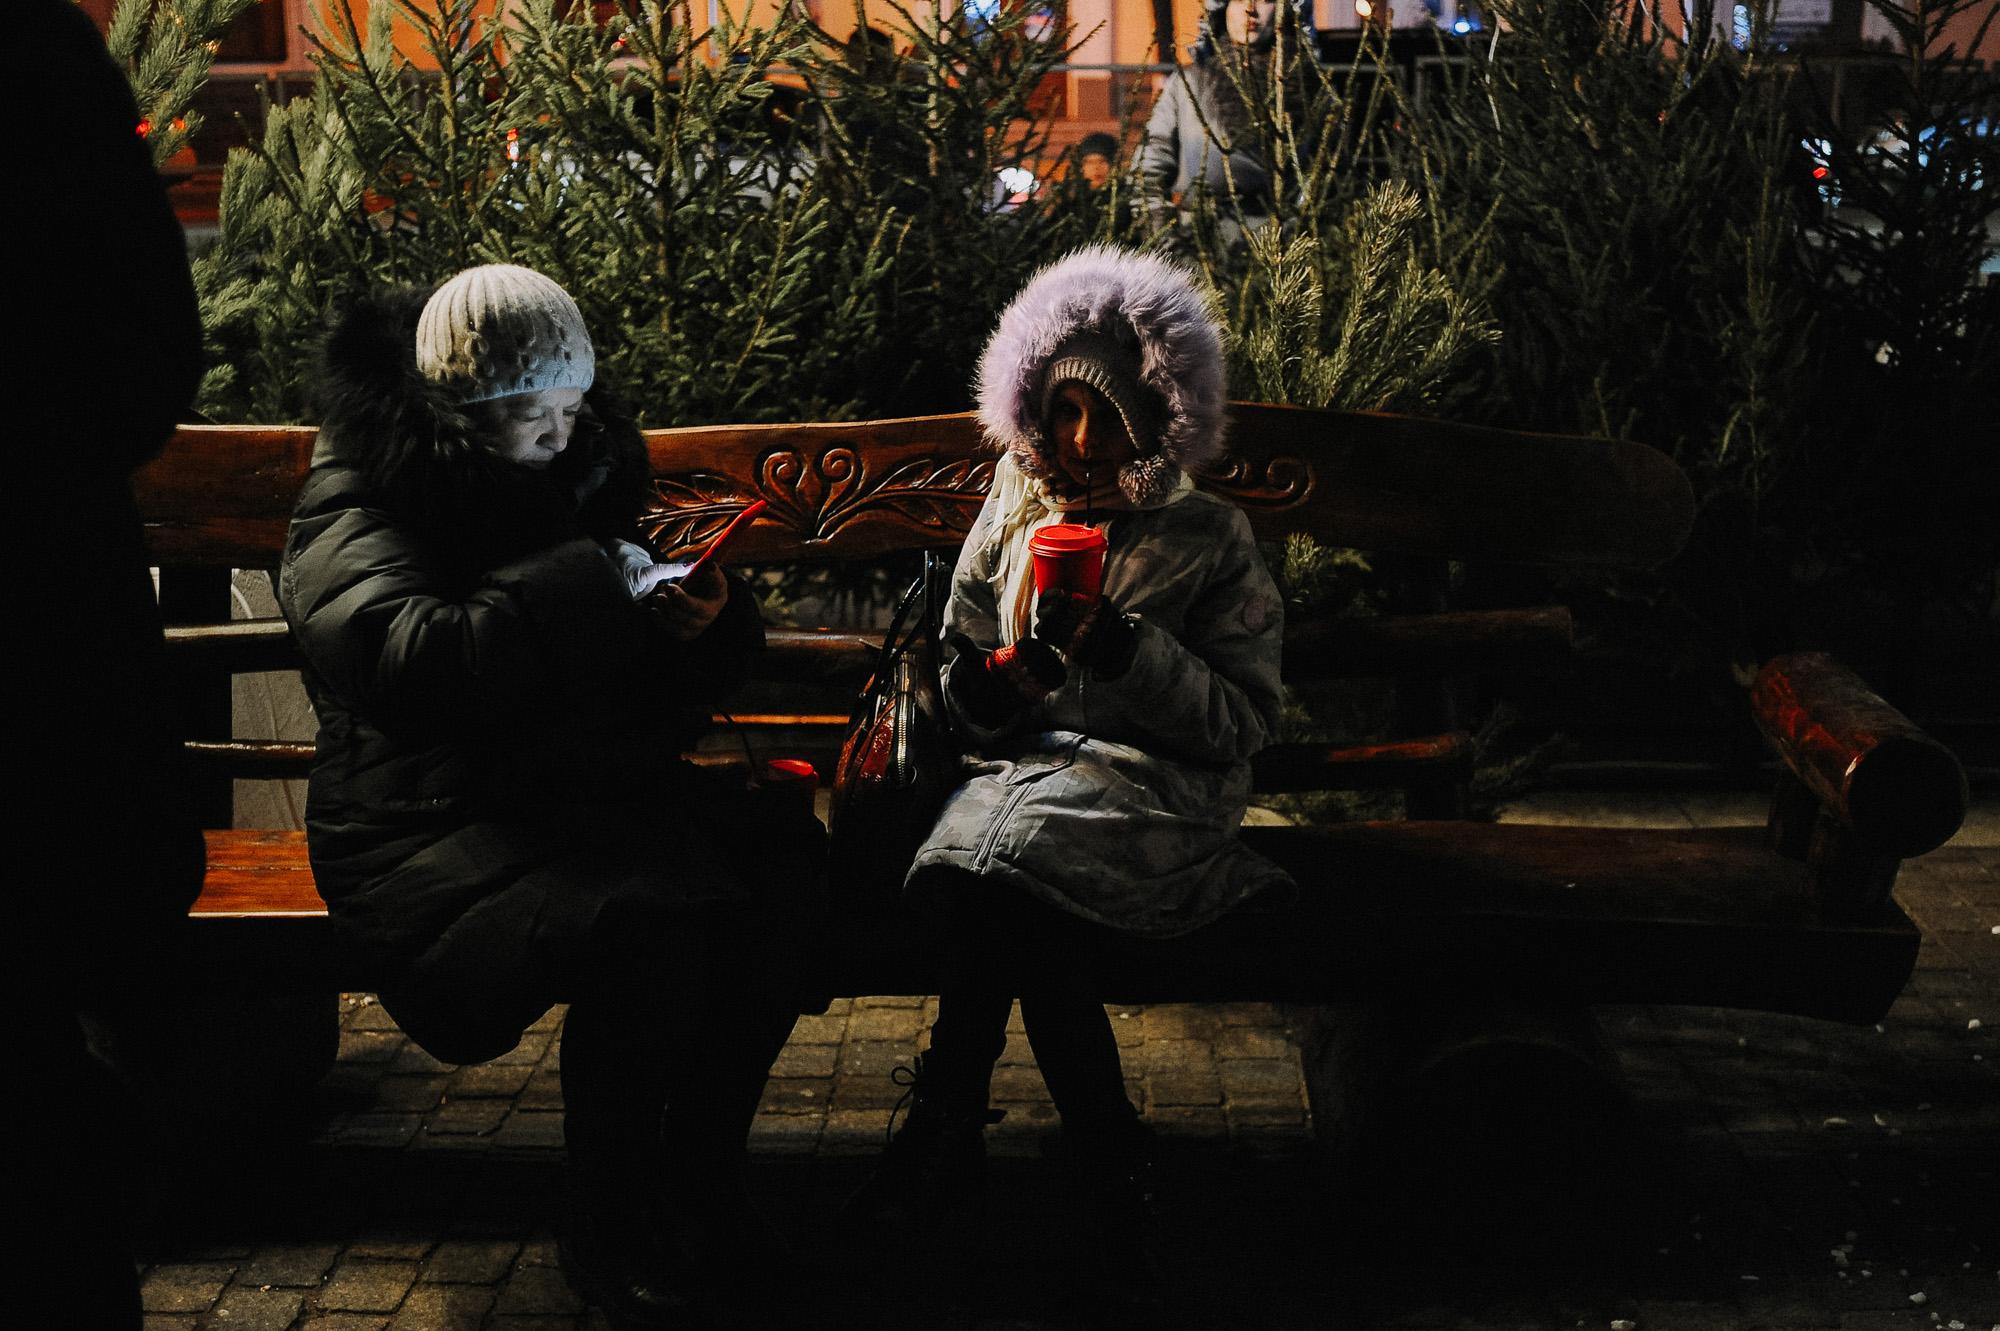 ZZZ 6912 В Астрахани на площади Ленина зажгли новогоднюю елку: кадры торжества